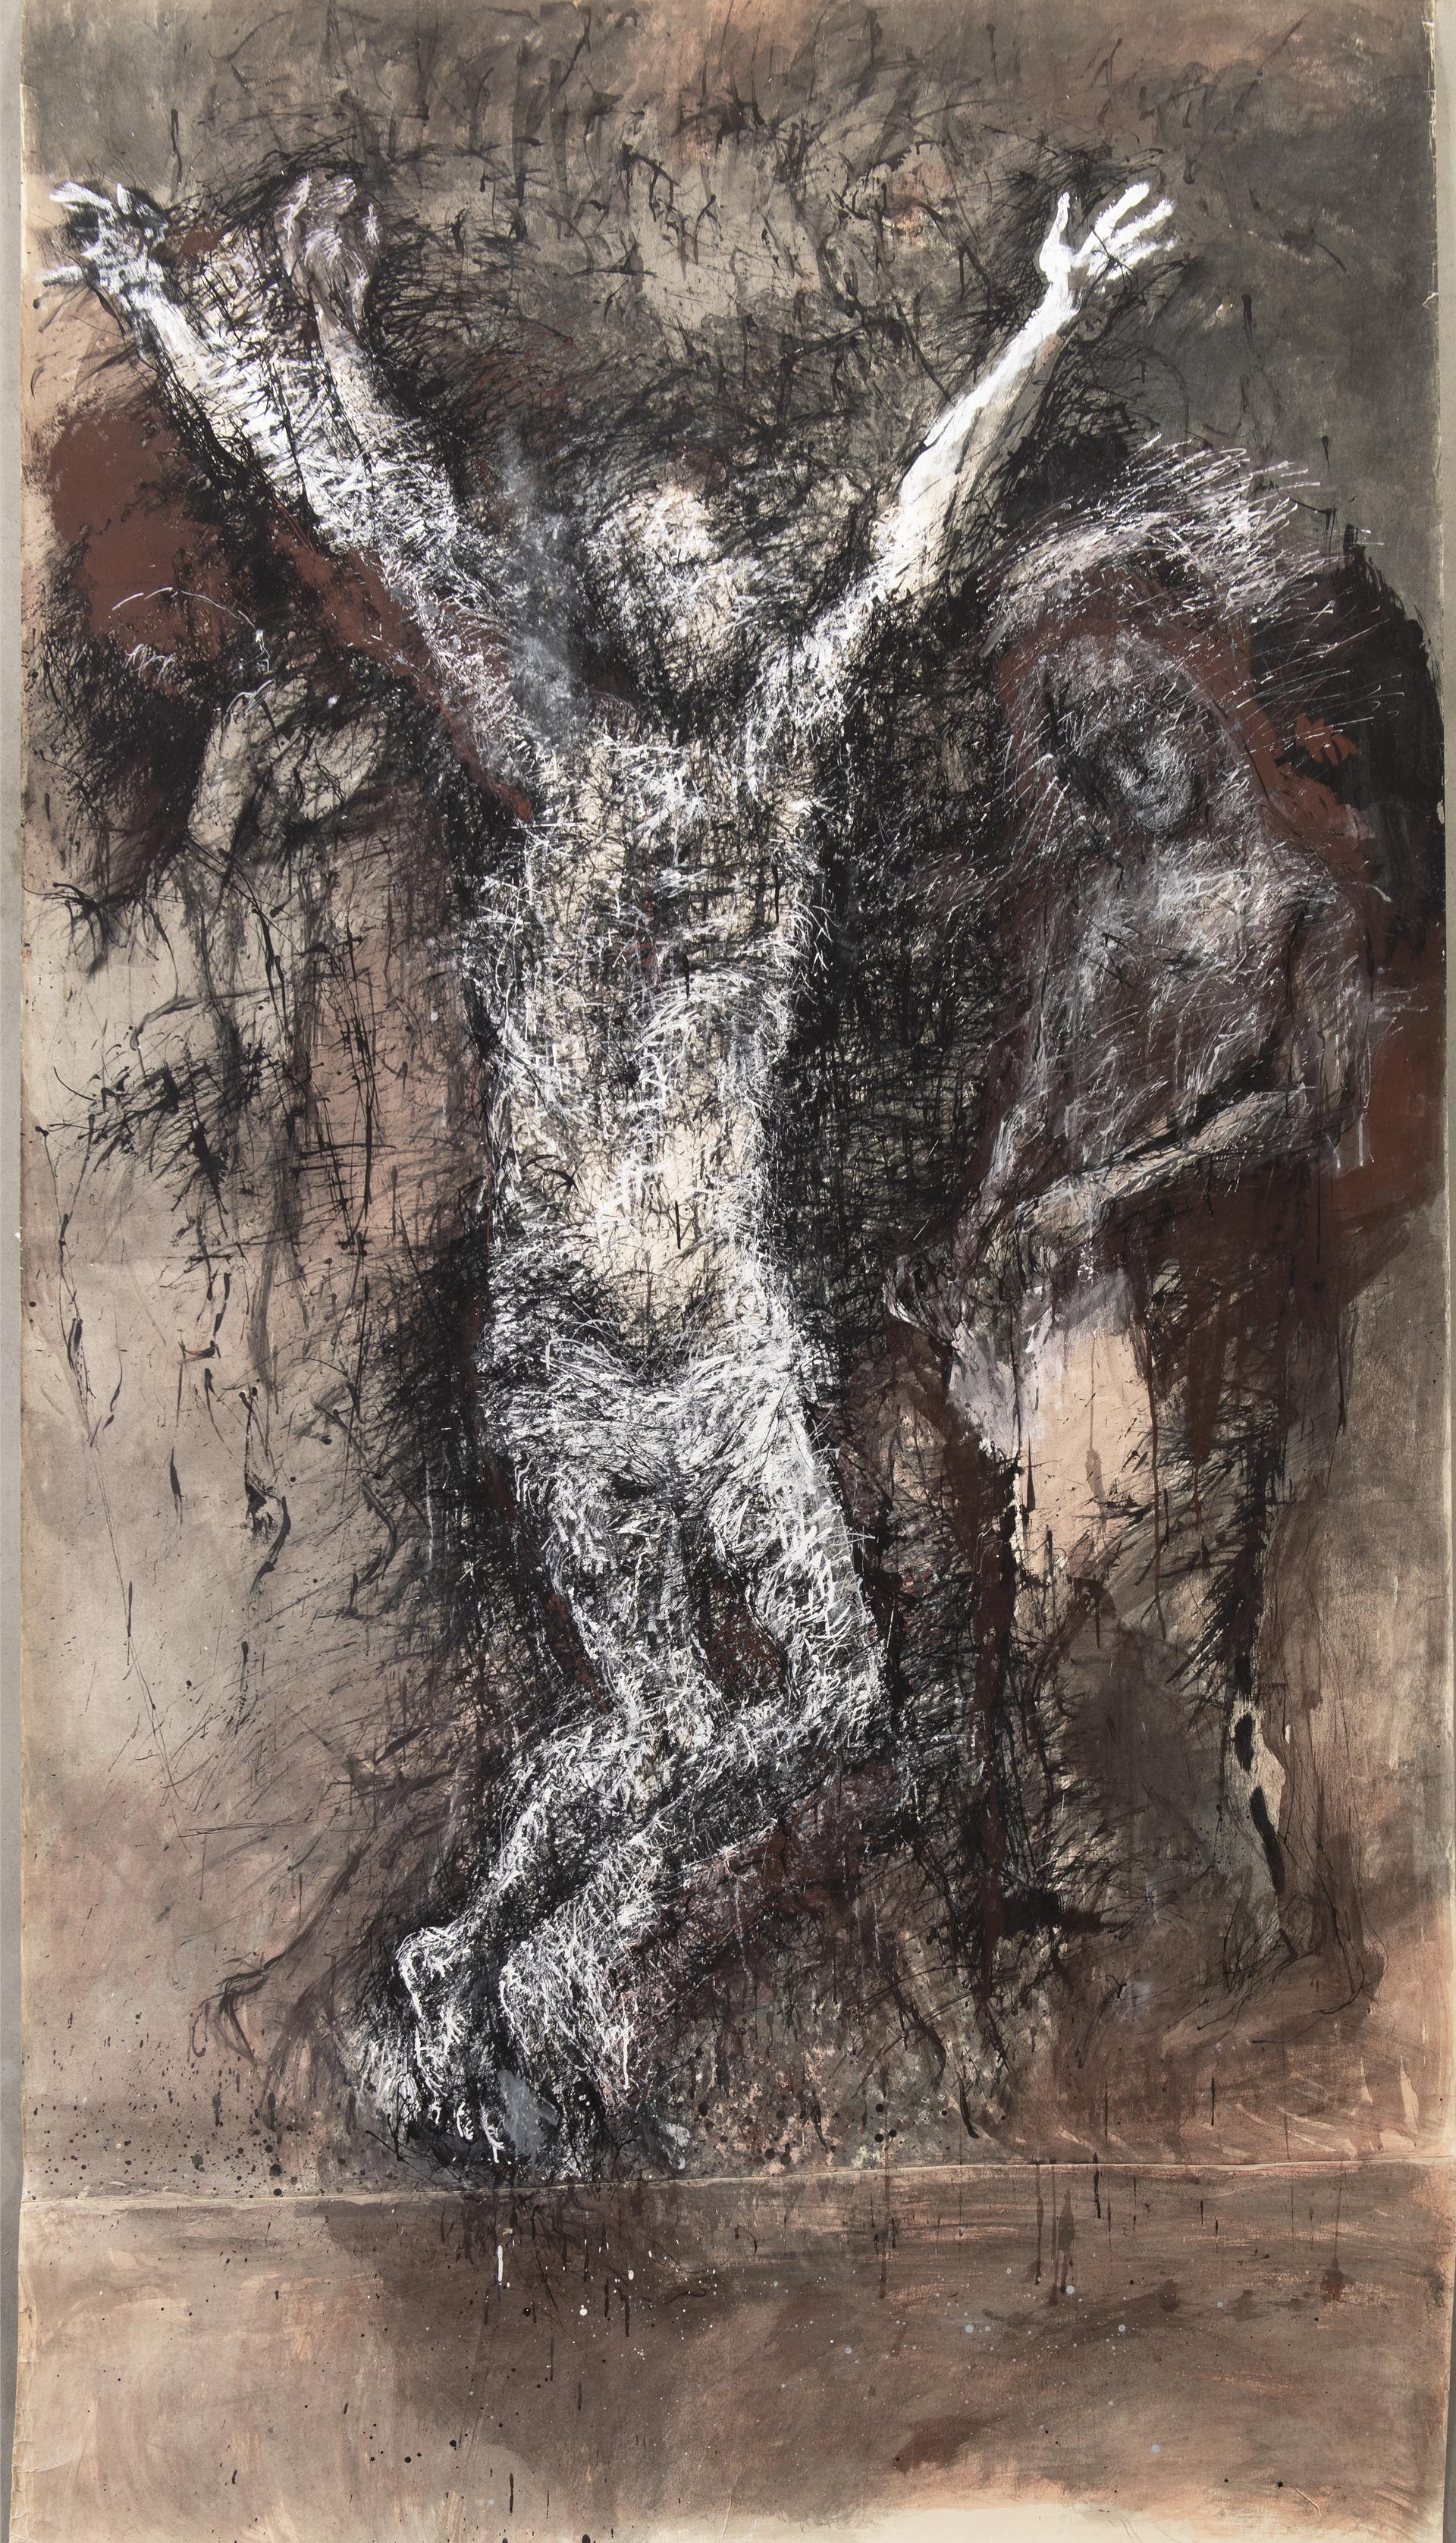 Inge Kosková: Ukřižování, 1980–85, tuš, běloba, tempera, kresba dřívkem a štětcem na papíru, 220 x 150 cm